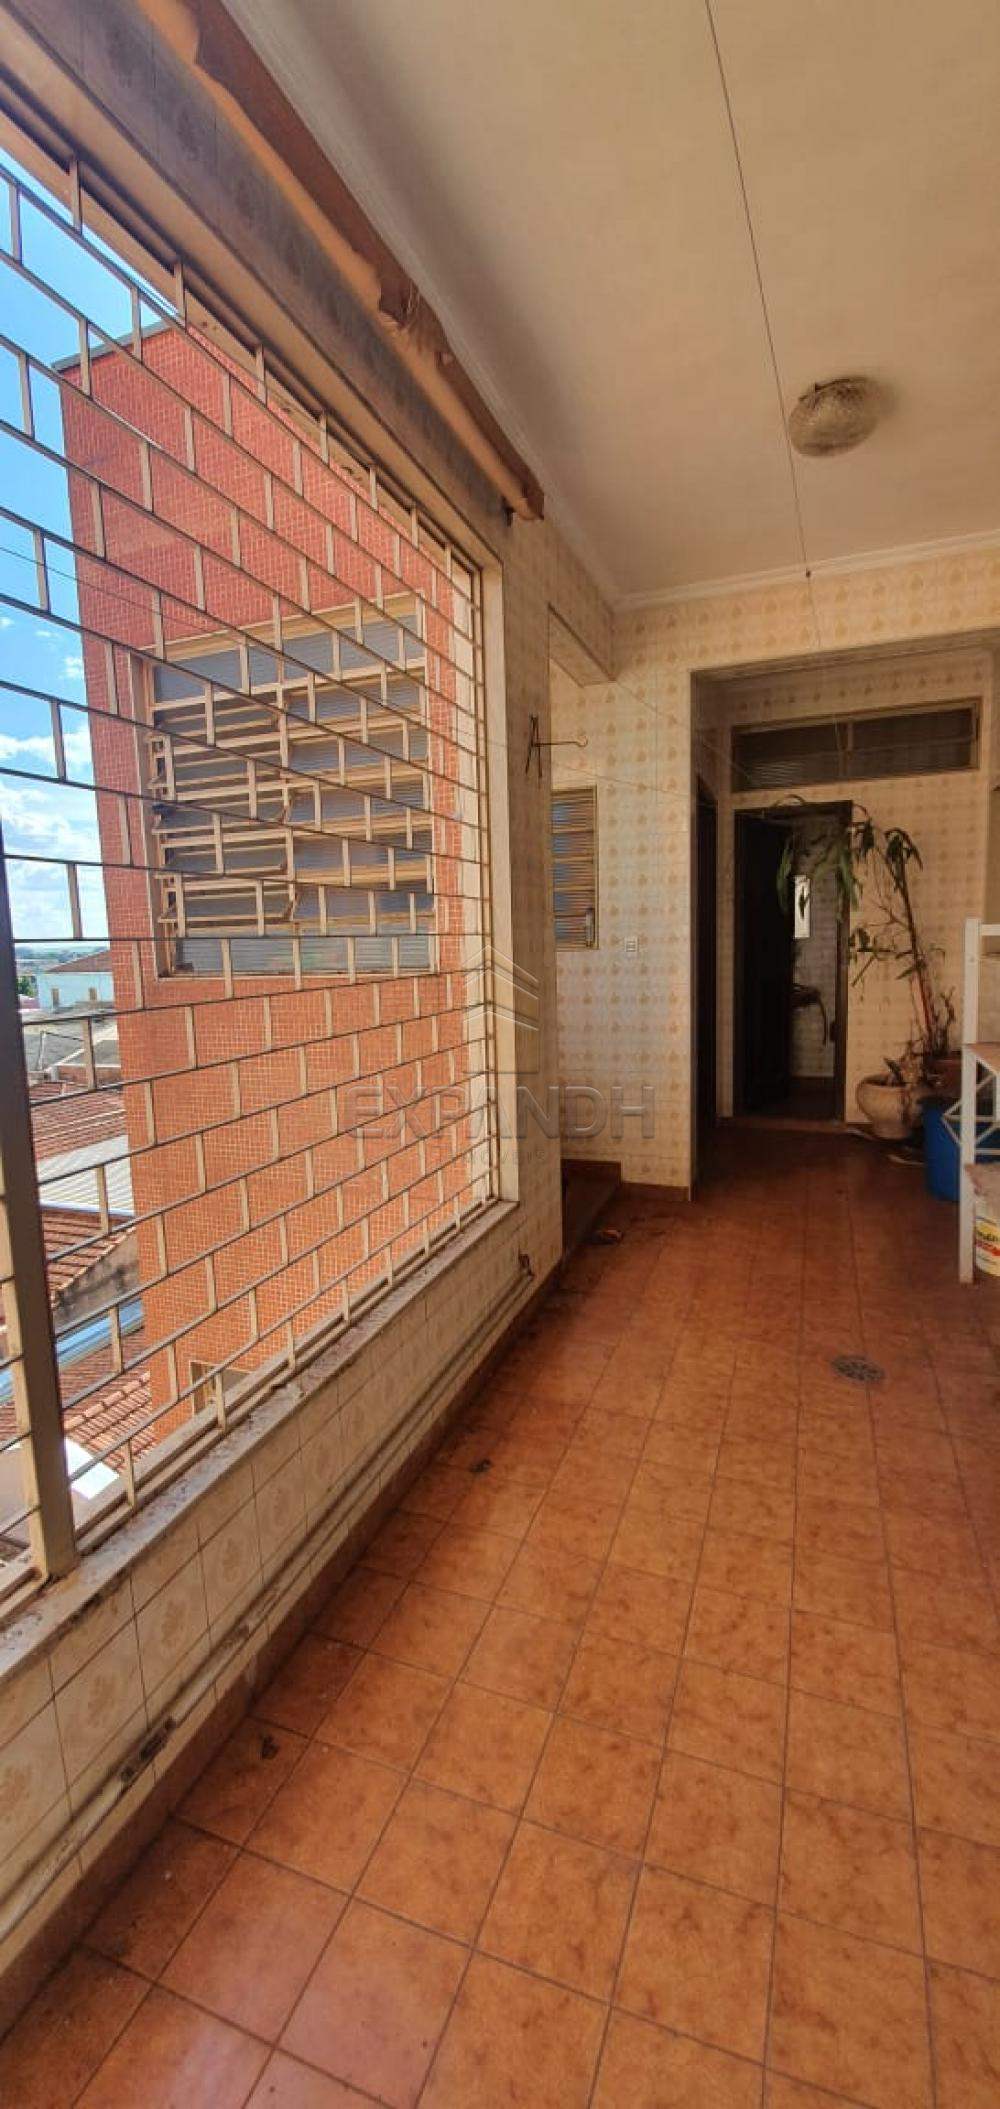 Comprar Apartamentos / Padrão em Sertãozinho apenas R$ 650.000,00 - Foto 17